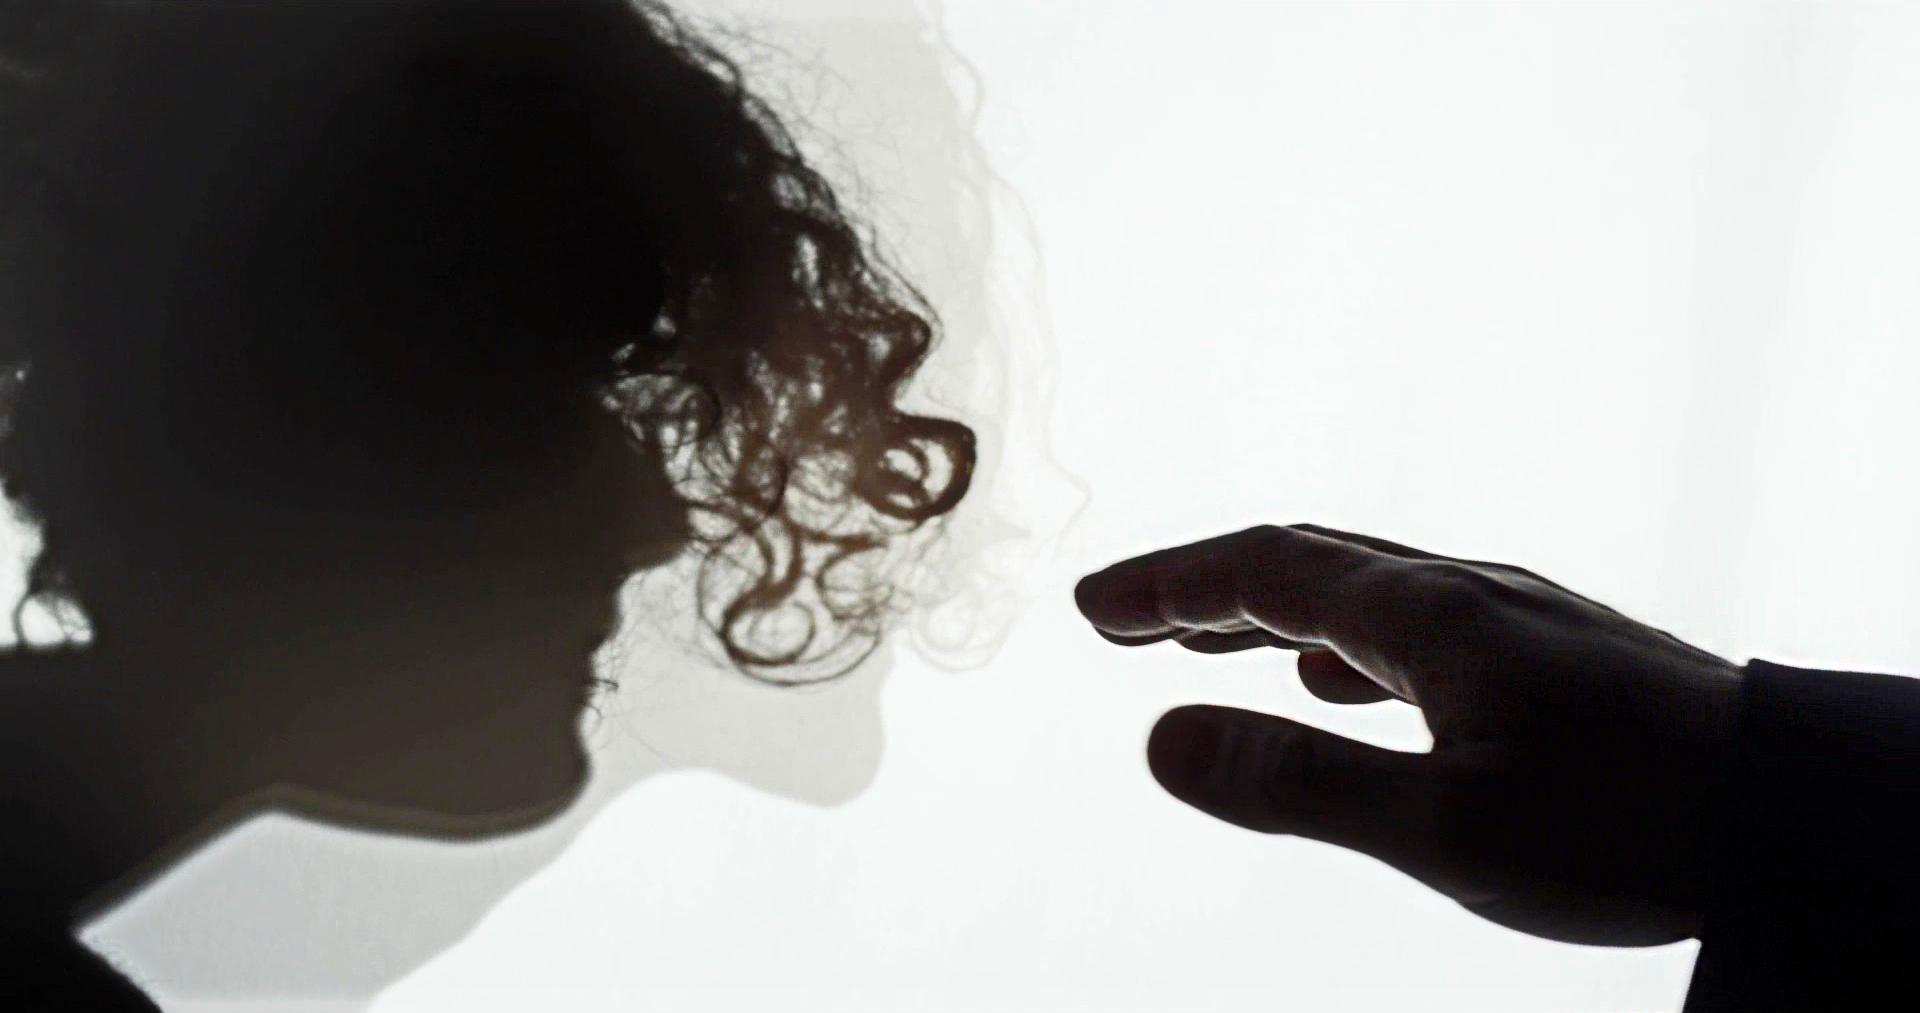 Still, Silhouetten tegen het licht